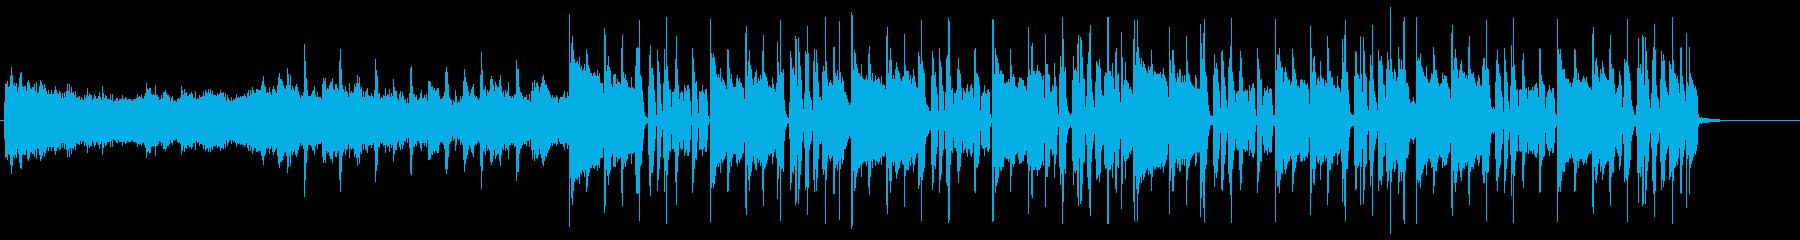 淡々とループしている変則ビートの再生済みの波形